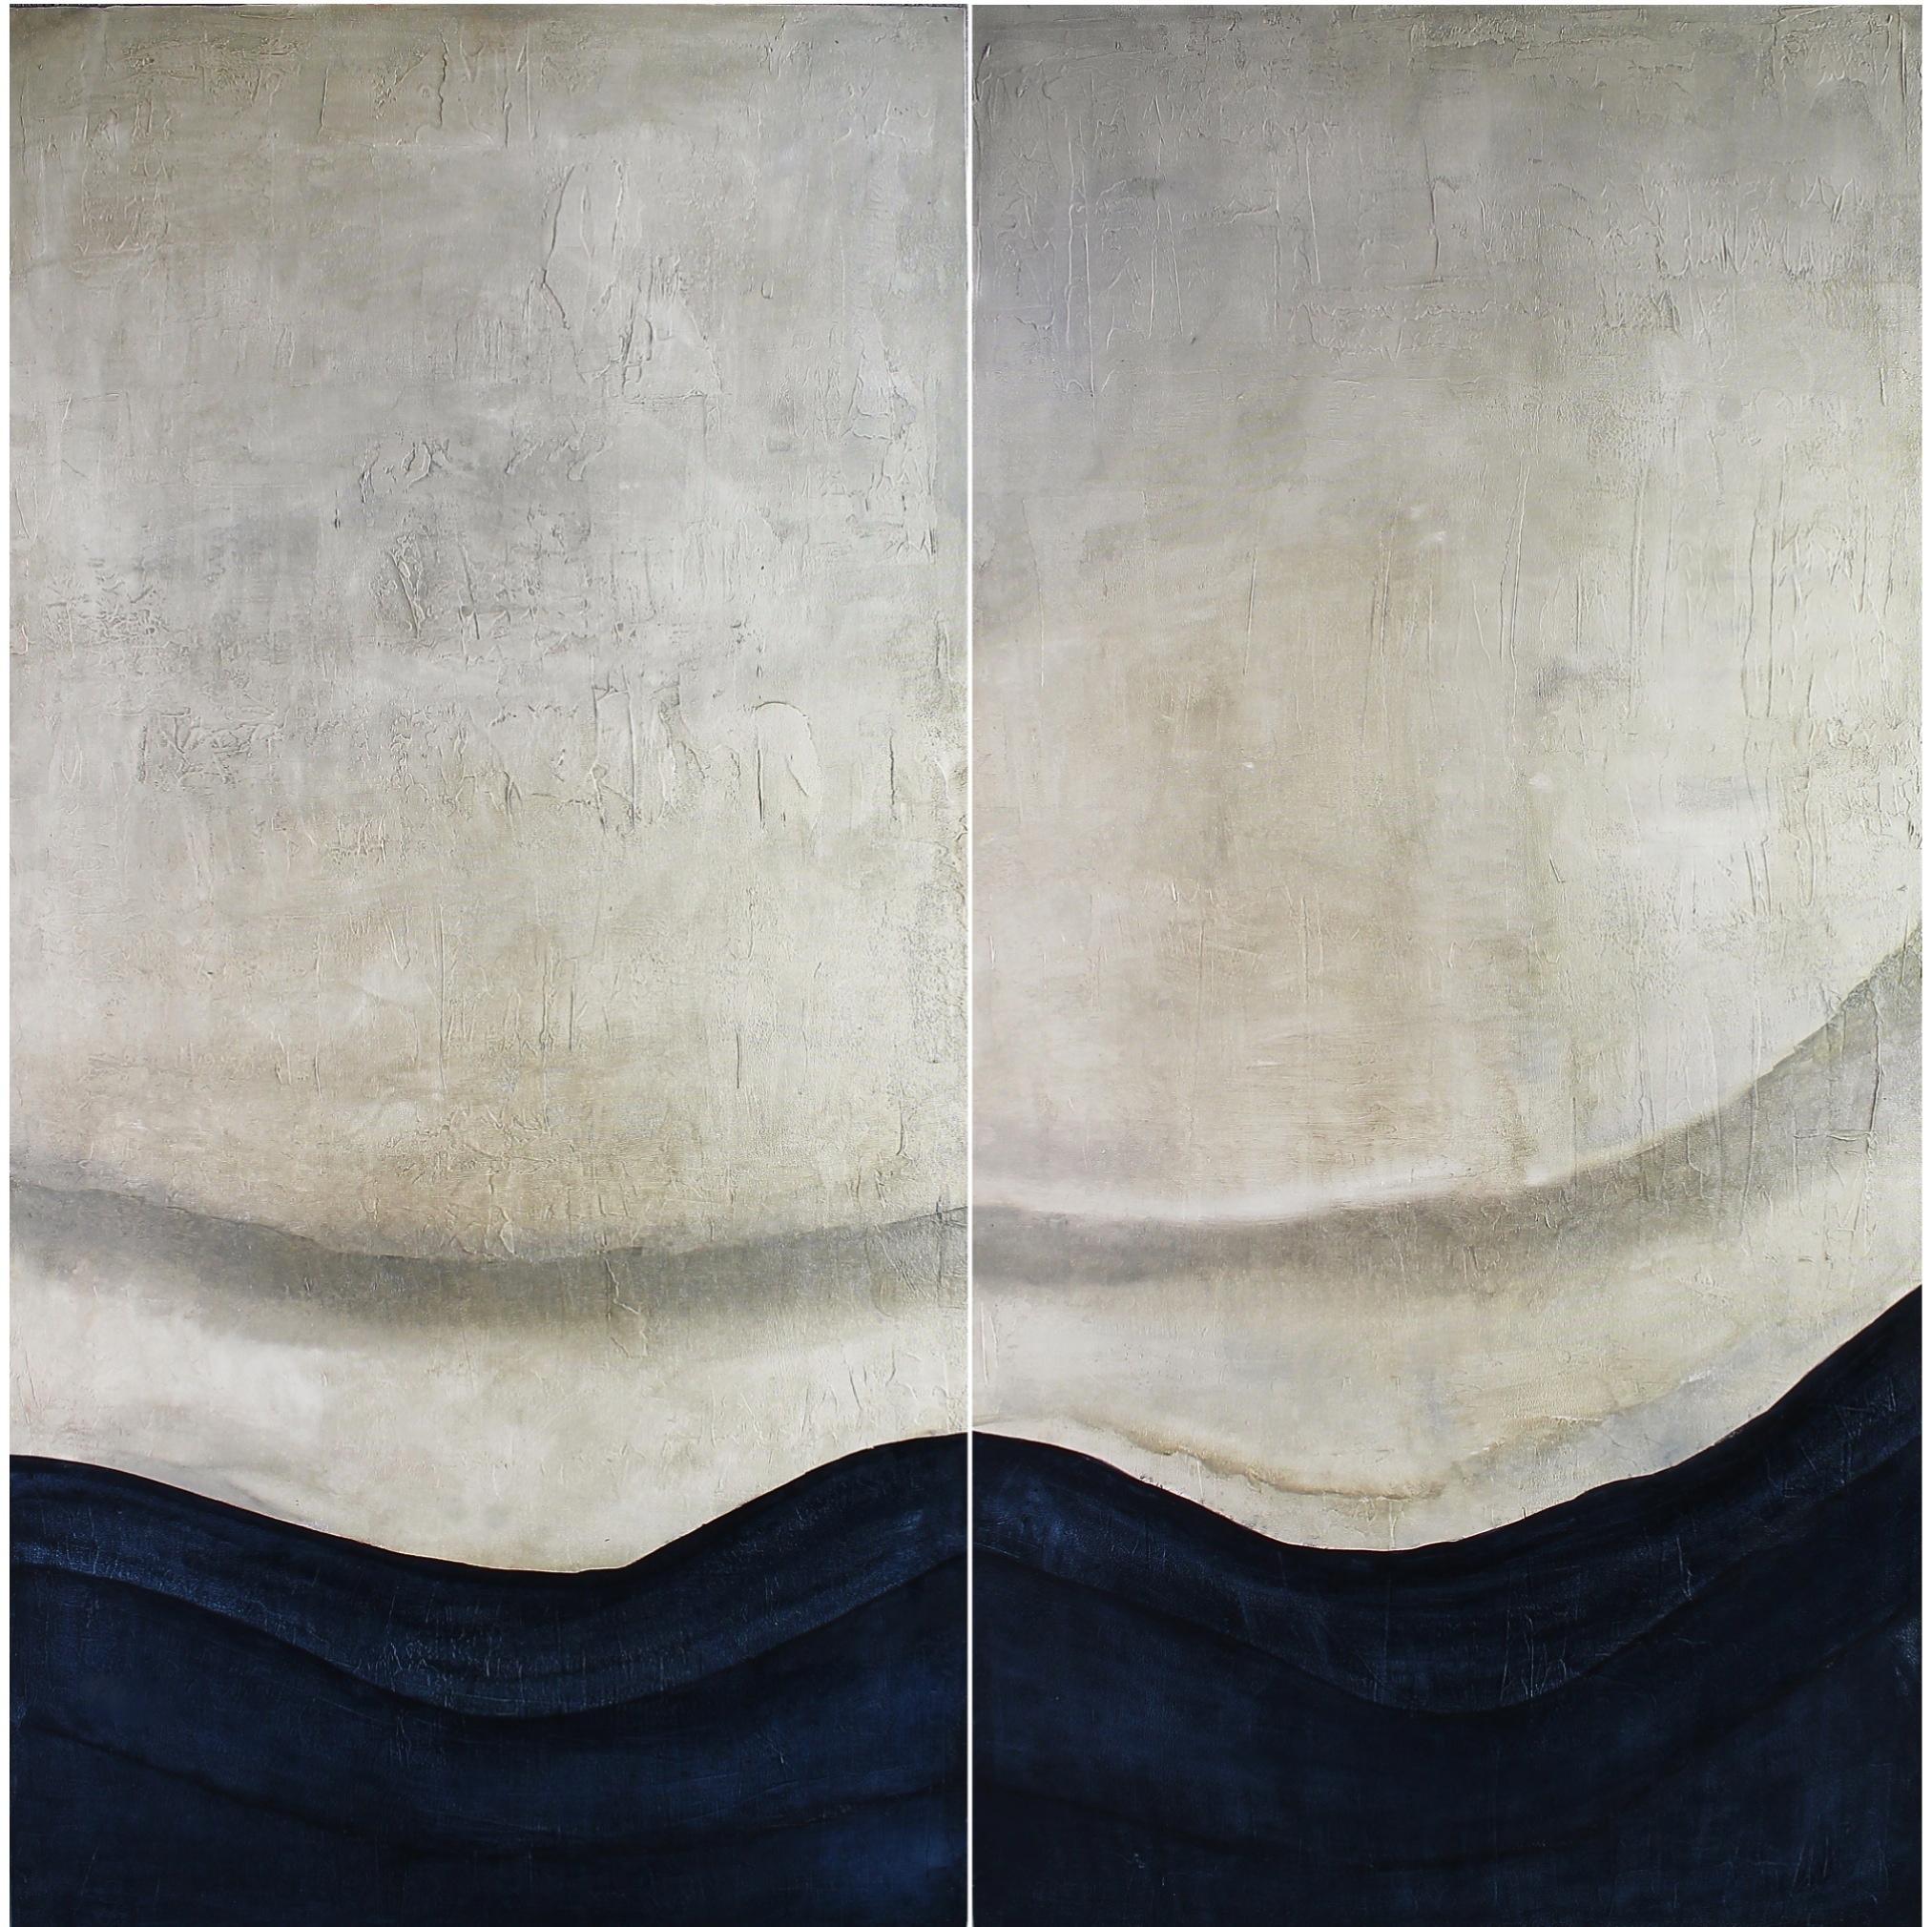 14_02 - oceano 1.jpg